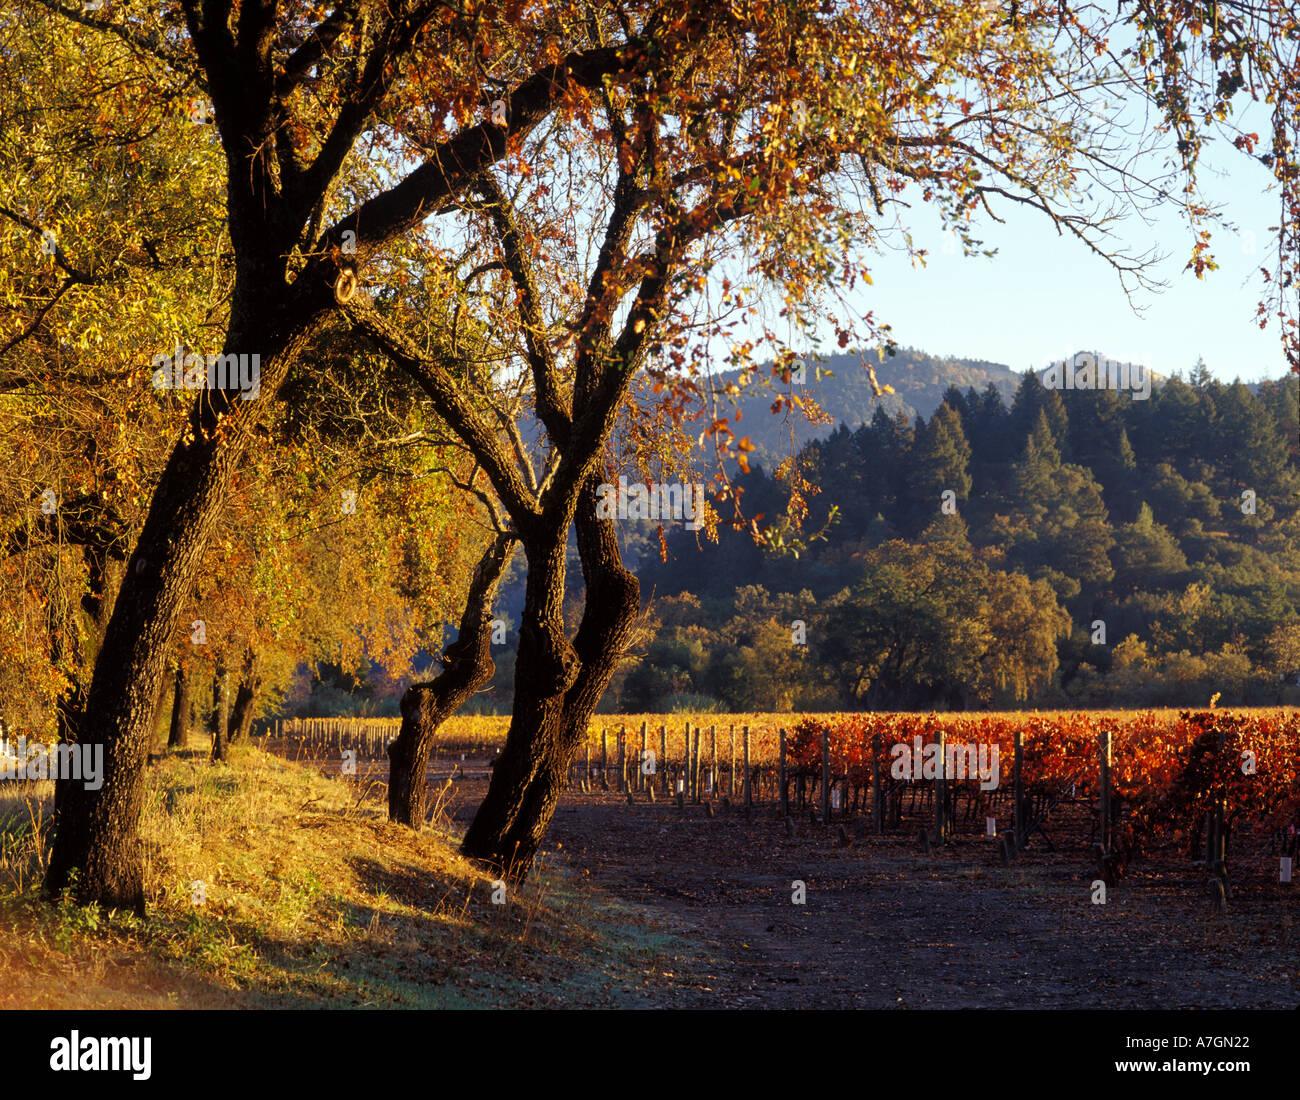 California, Estados Unidos, Napa Valley, Calistoga. Sol de Mañana roza sobre el piso del valle y sus encinas y viñedos. Foto de stock